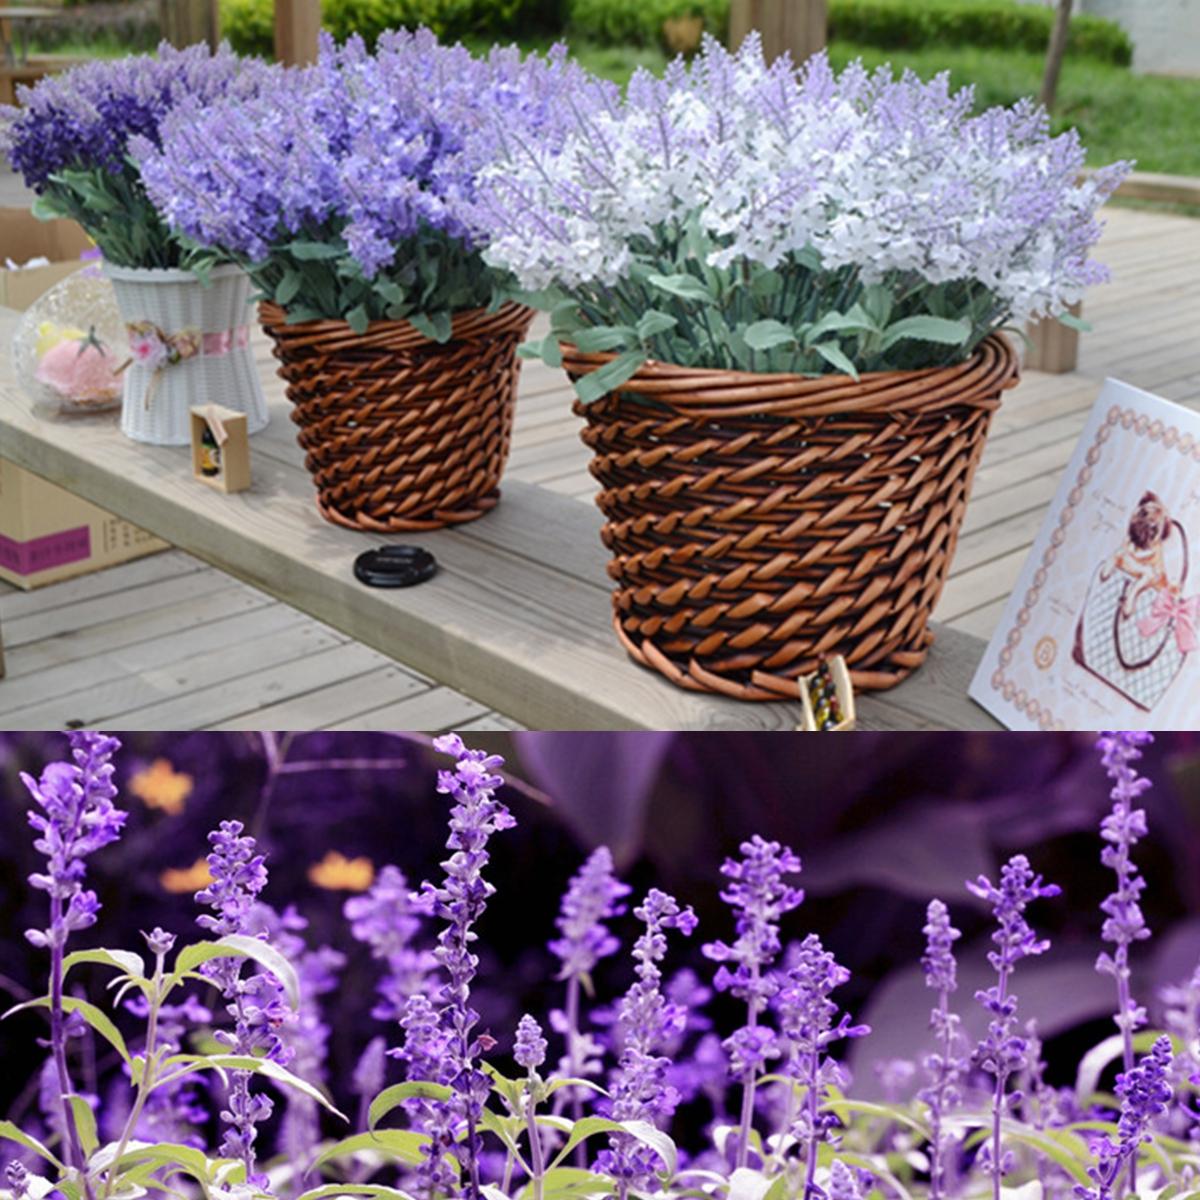 bouquet de fleurs artificielle hortensia soie d coration mariage maison soir e ebay. Black Bedroom Furniture Sets. Home Design Ideas